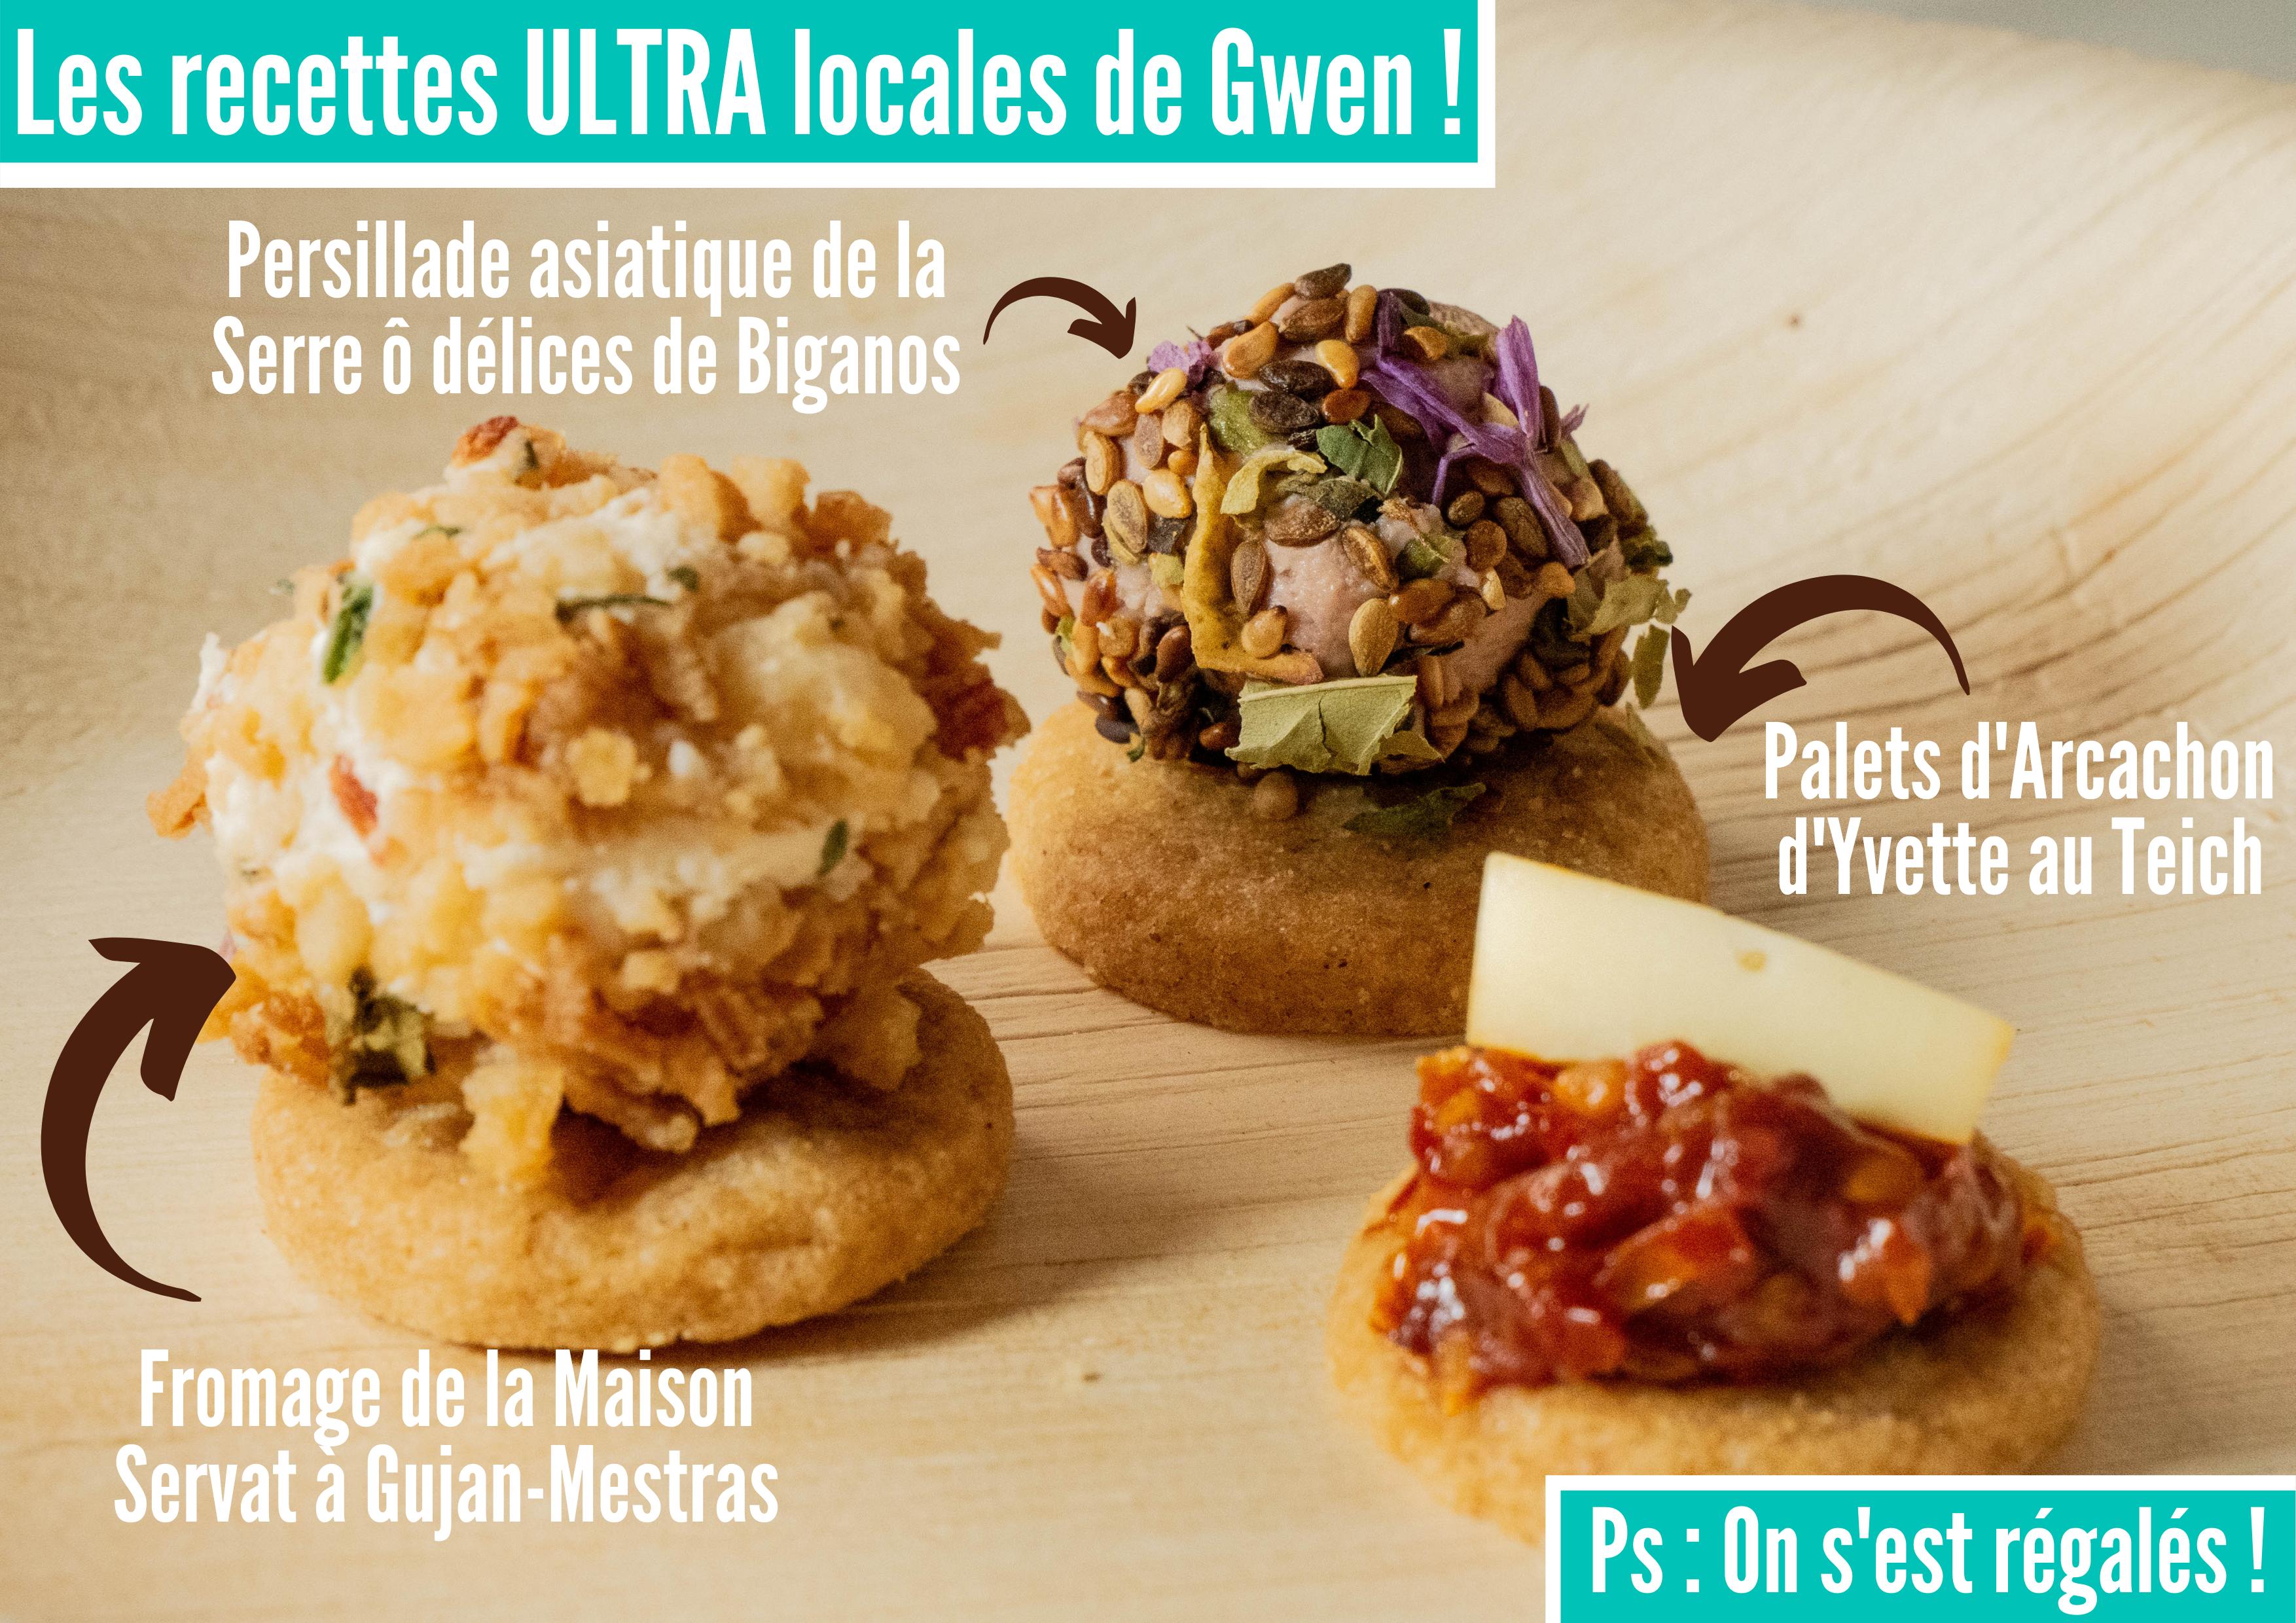 Les recettes ULTRA locales de Gwen •  Actualités